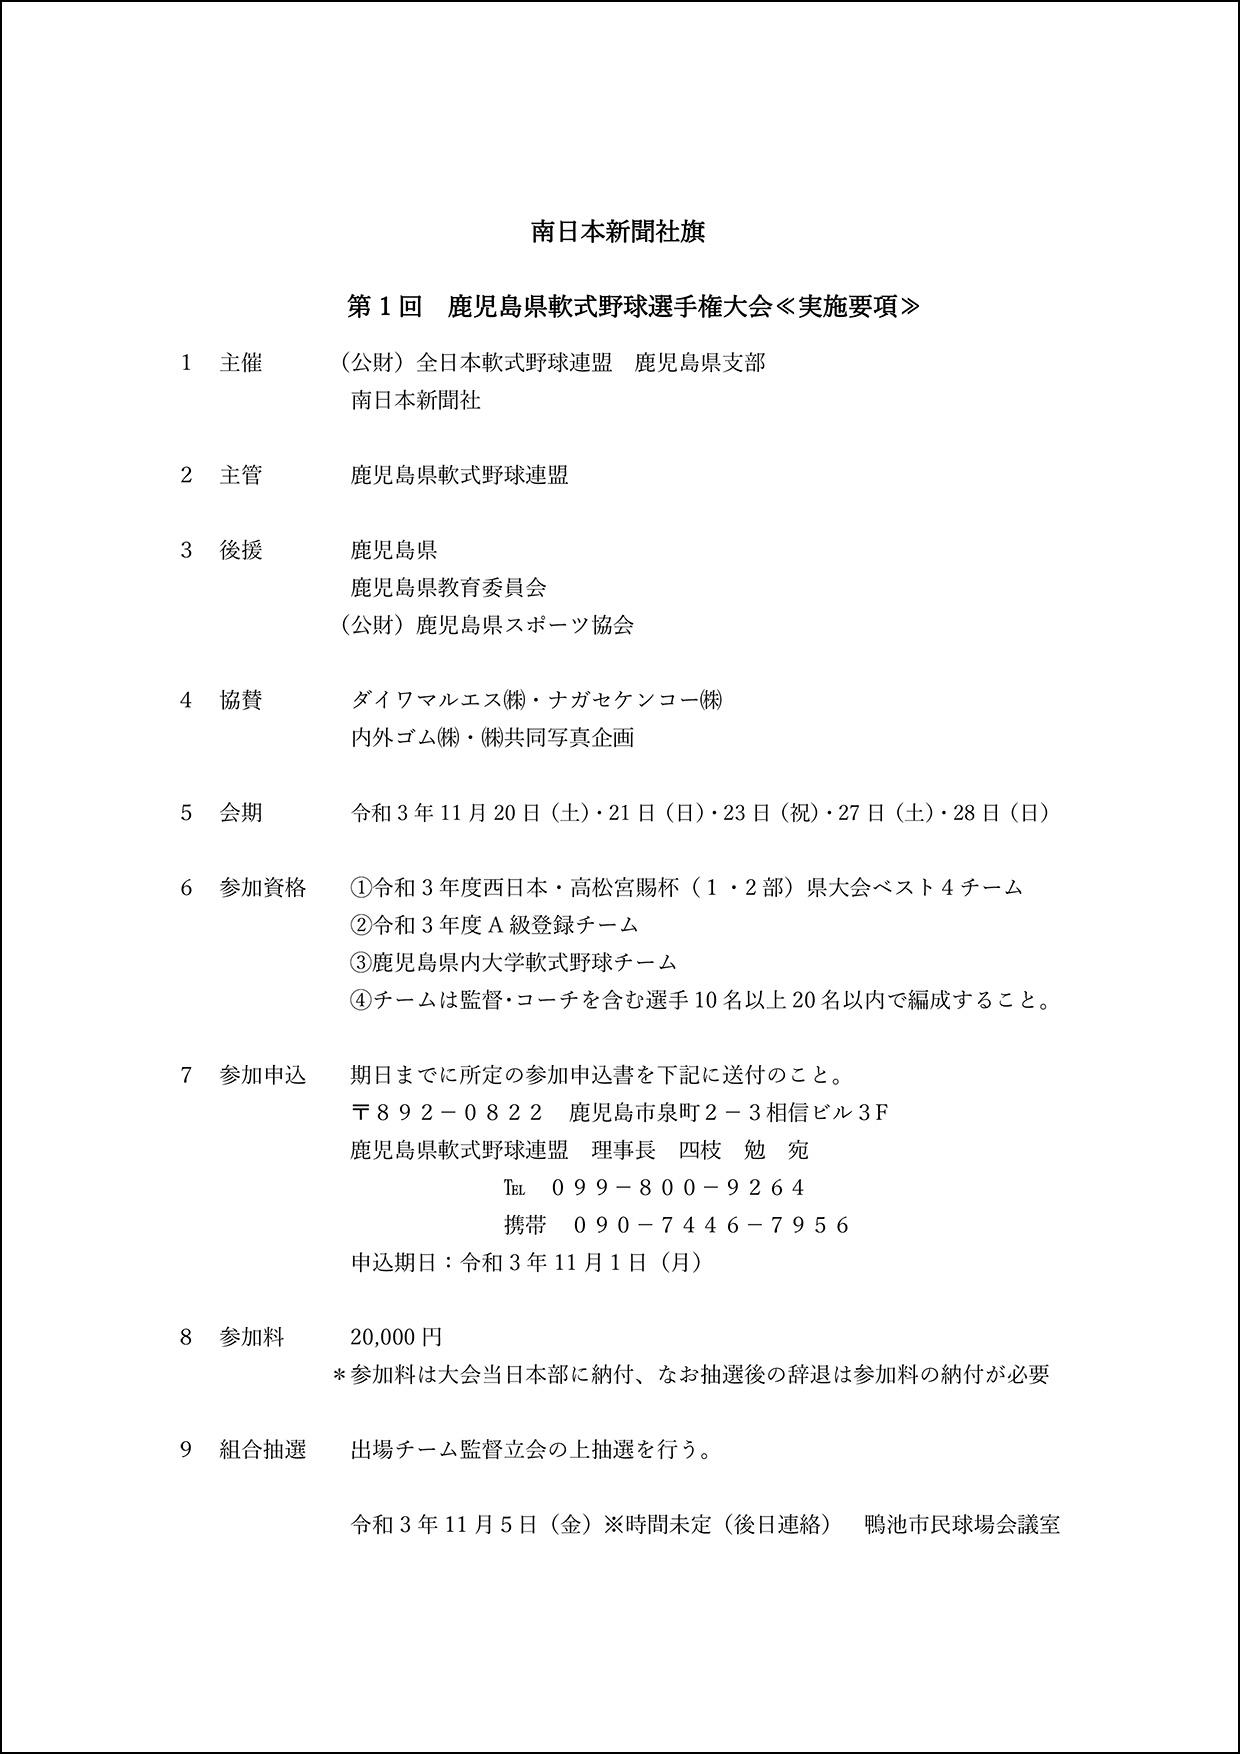 南日本新聞社旗第1回選手権実施要項